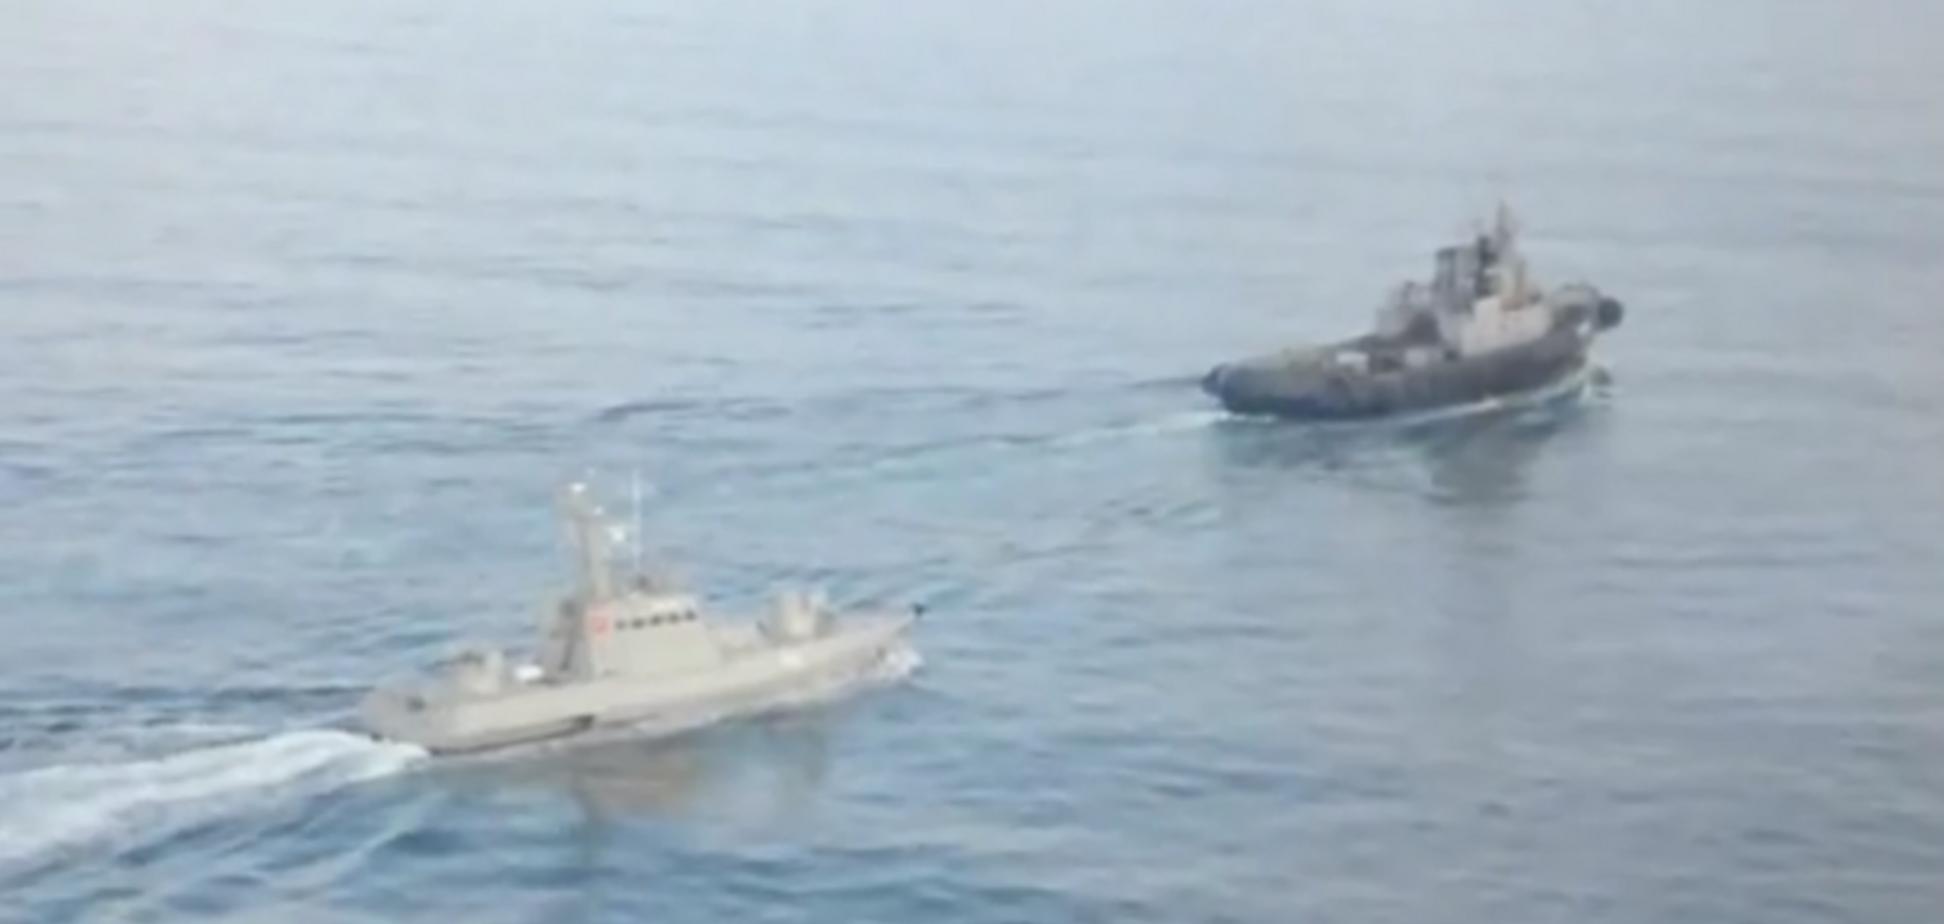 Захоплення РФ кораблів України: оприлюднені записи переговорів на Азові